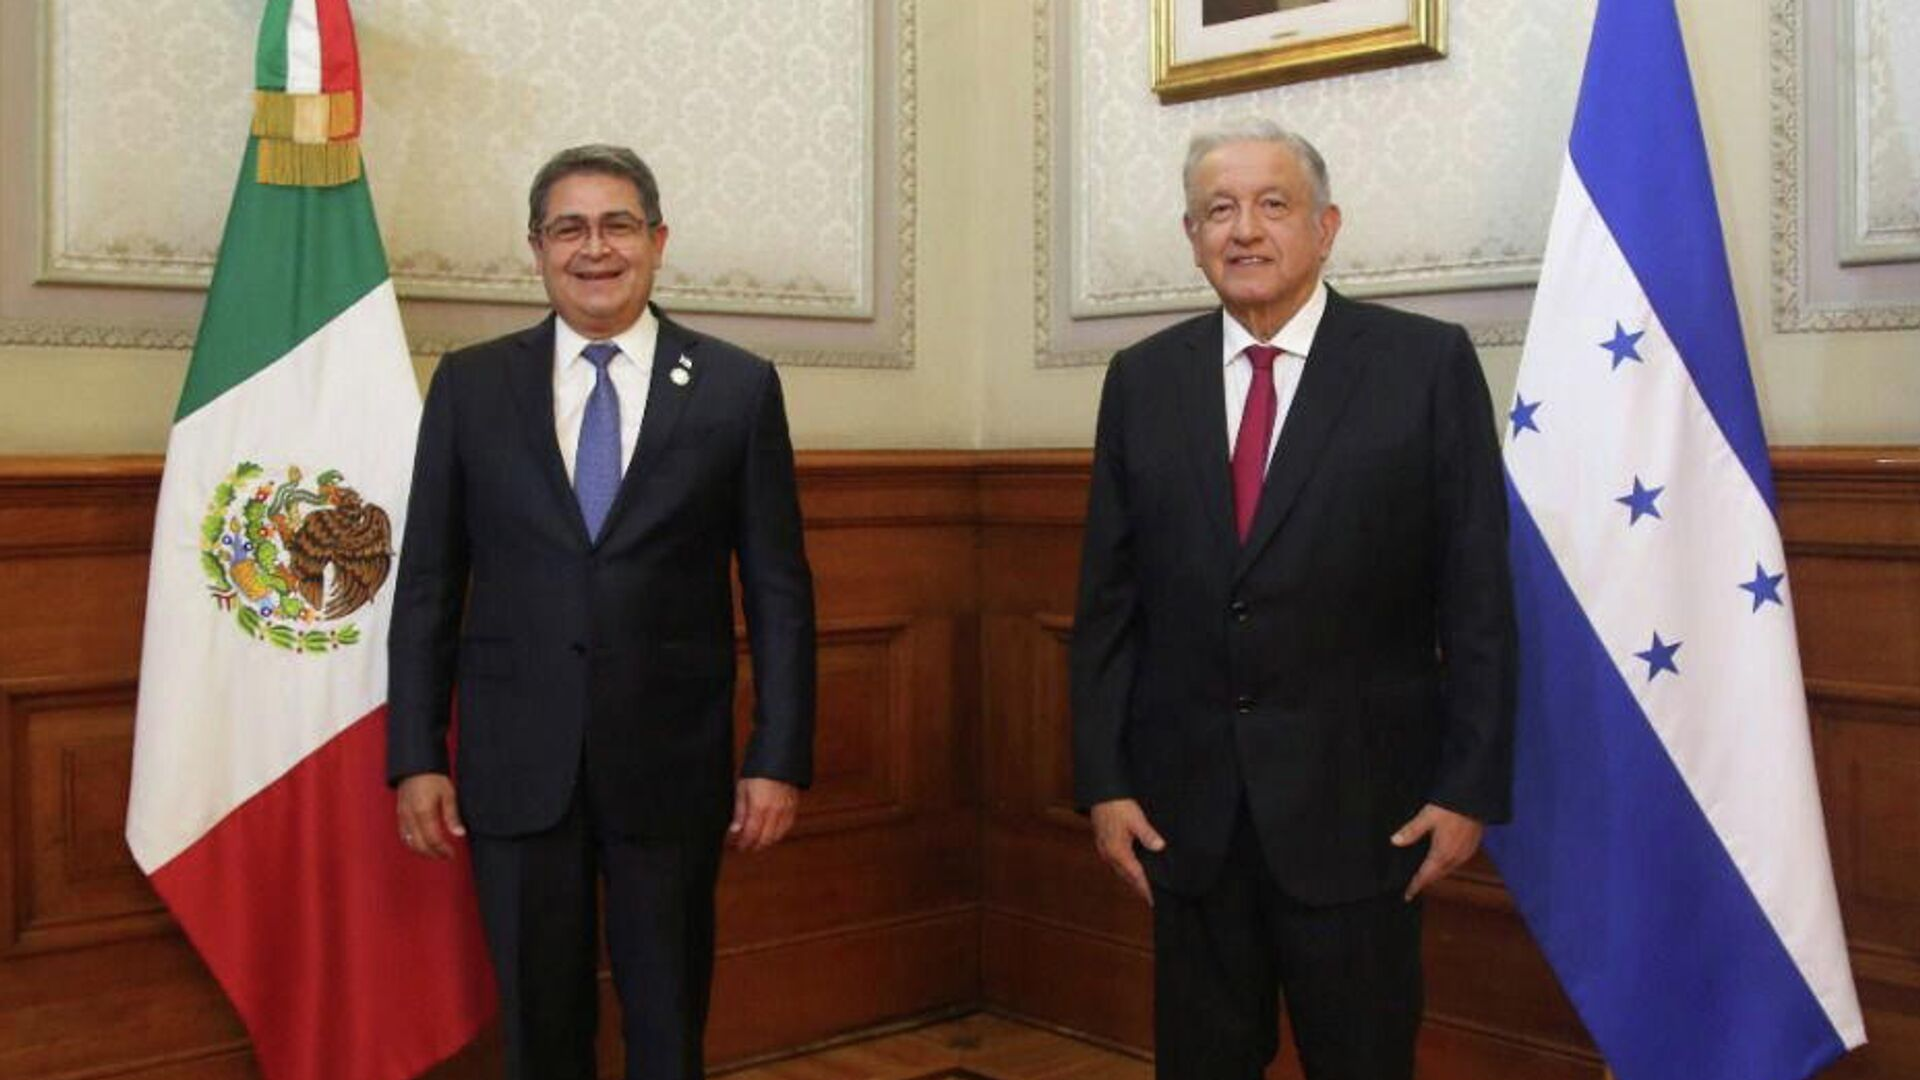 El presidente de Honduras, Juan Orlando Hernández (izda.) junto a AMLO en la cumbre de la CELAC - Sputnik Mundo, 1920, 18.09.2021